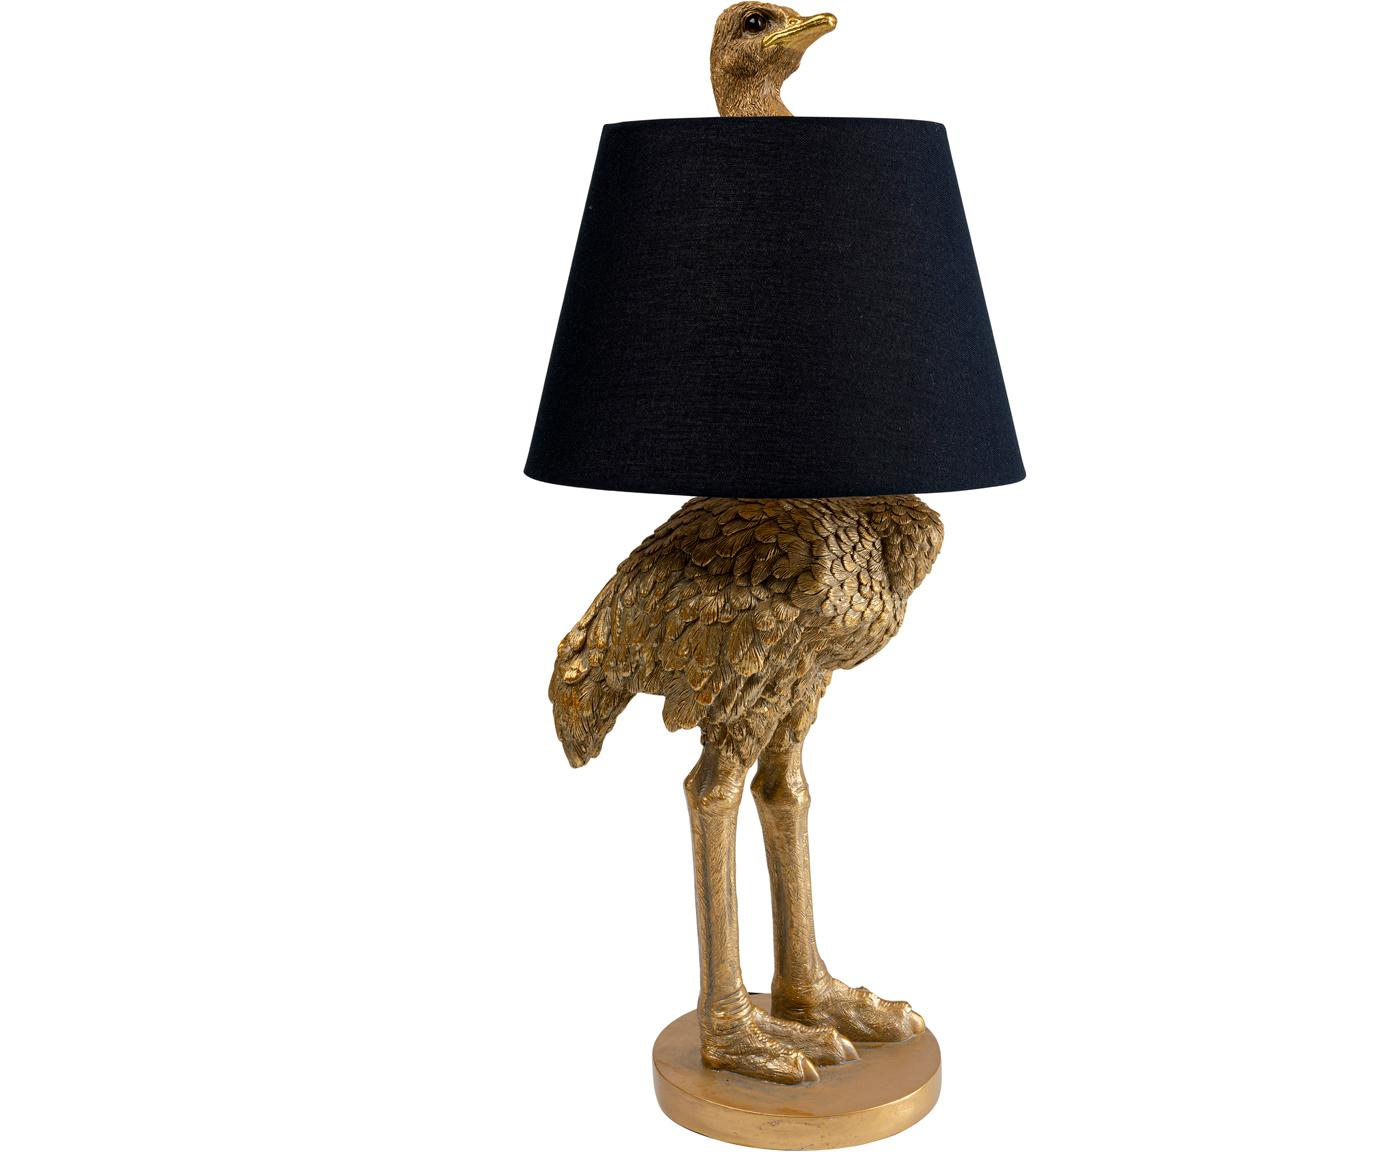 Große handgefertigte Tischleuchte Ostrich, Gestell: Polyresin, Lampenschirm: Baumwolle, Hanf, Messingfarben, Ø 30 x H 69 cm